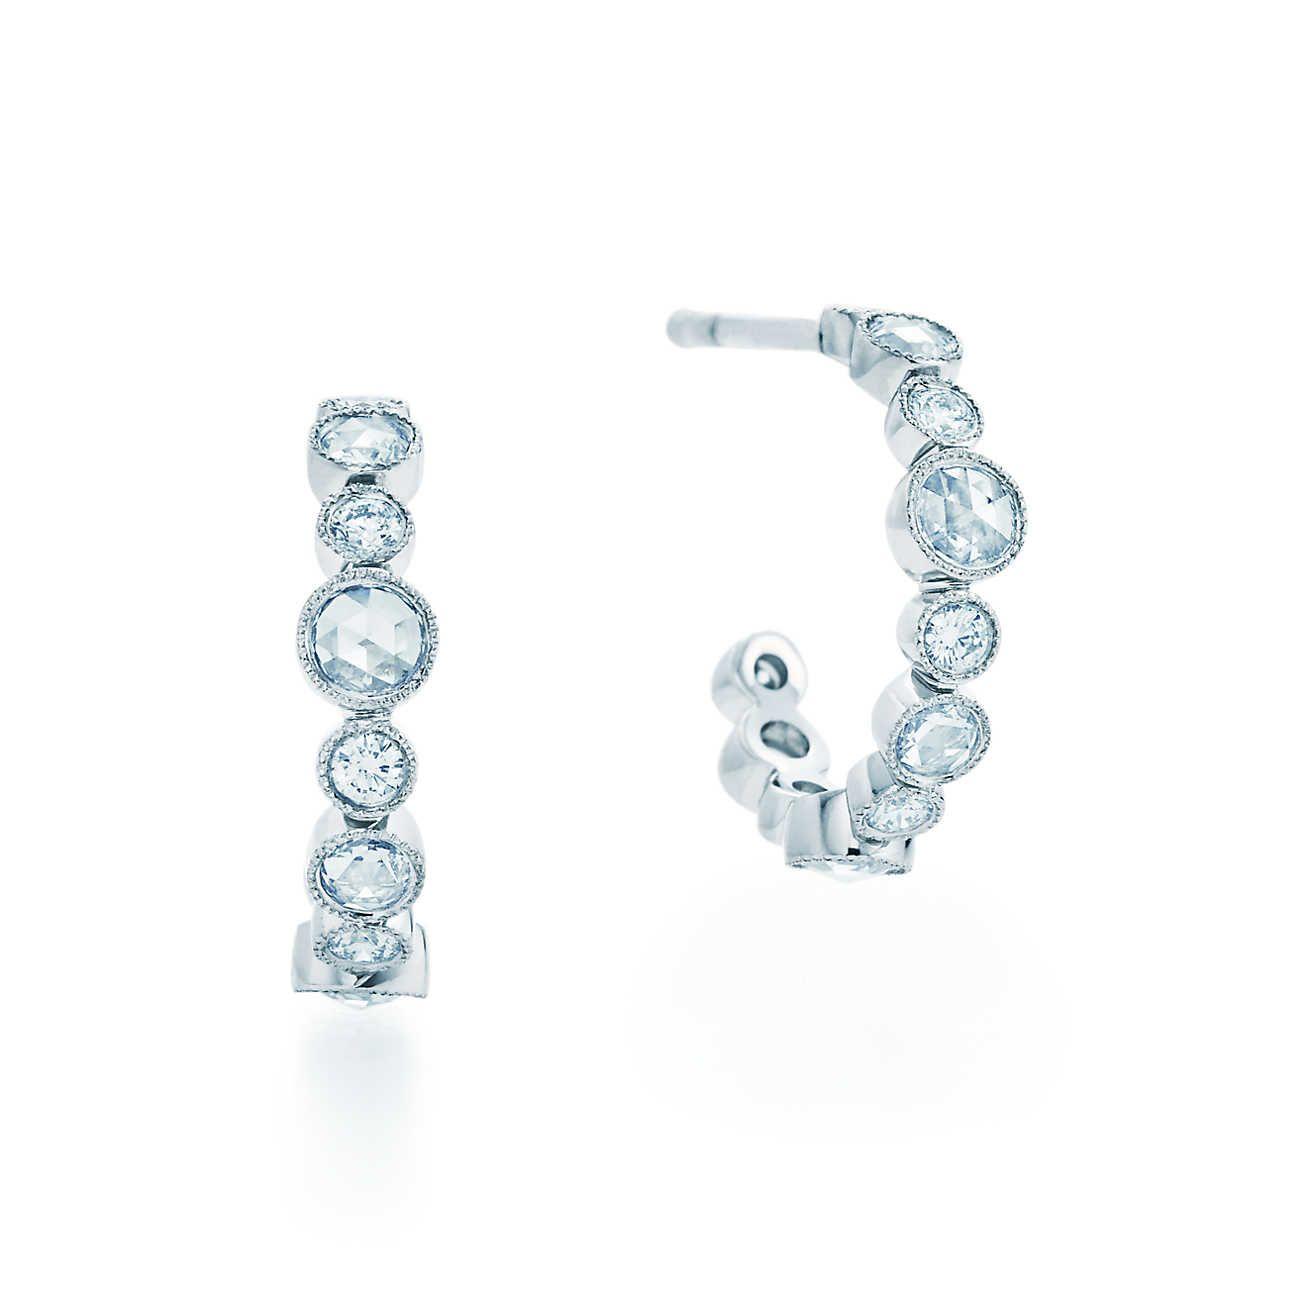 Tiffany Cobblestone Diamond Hoop Earrings